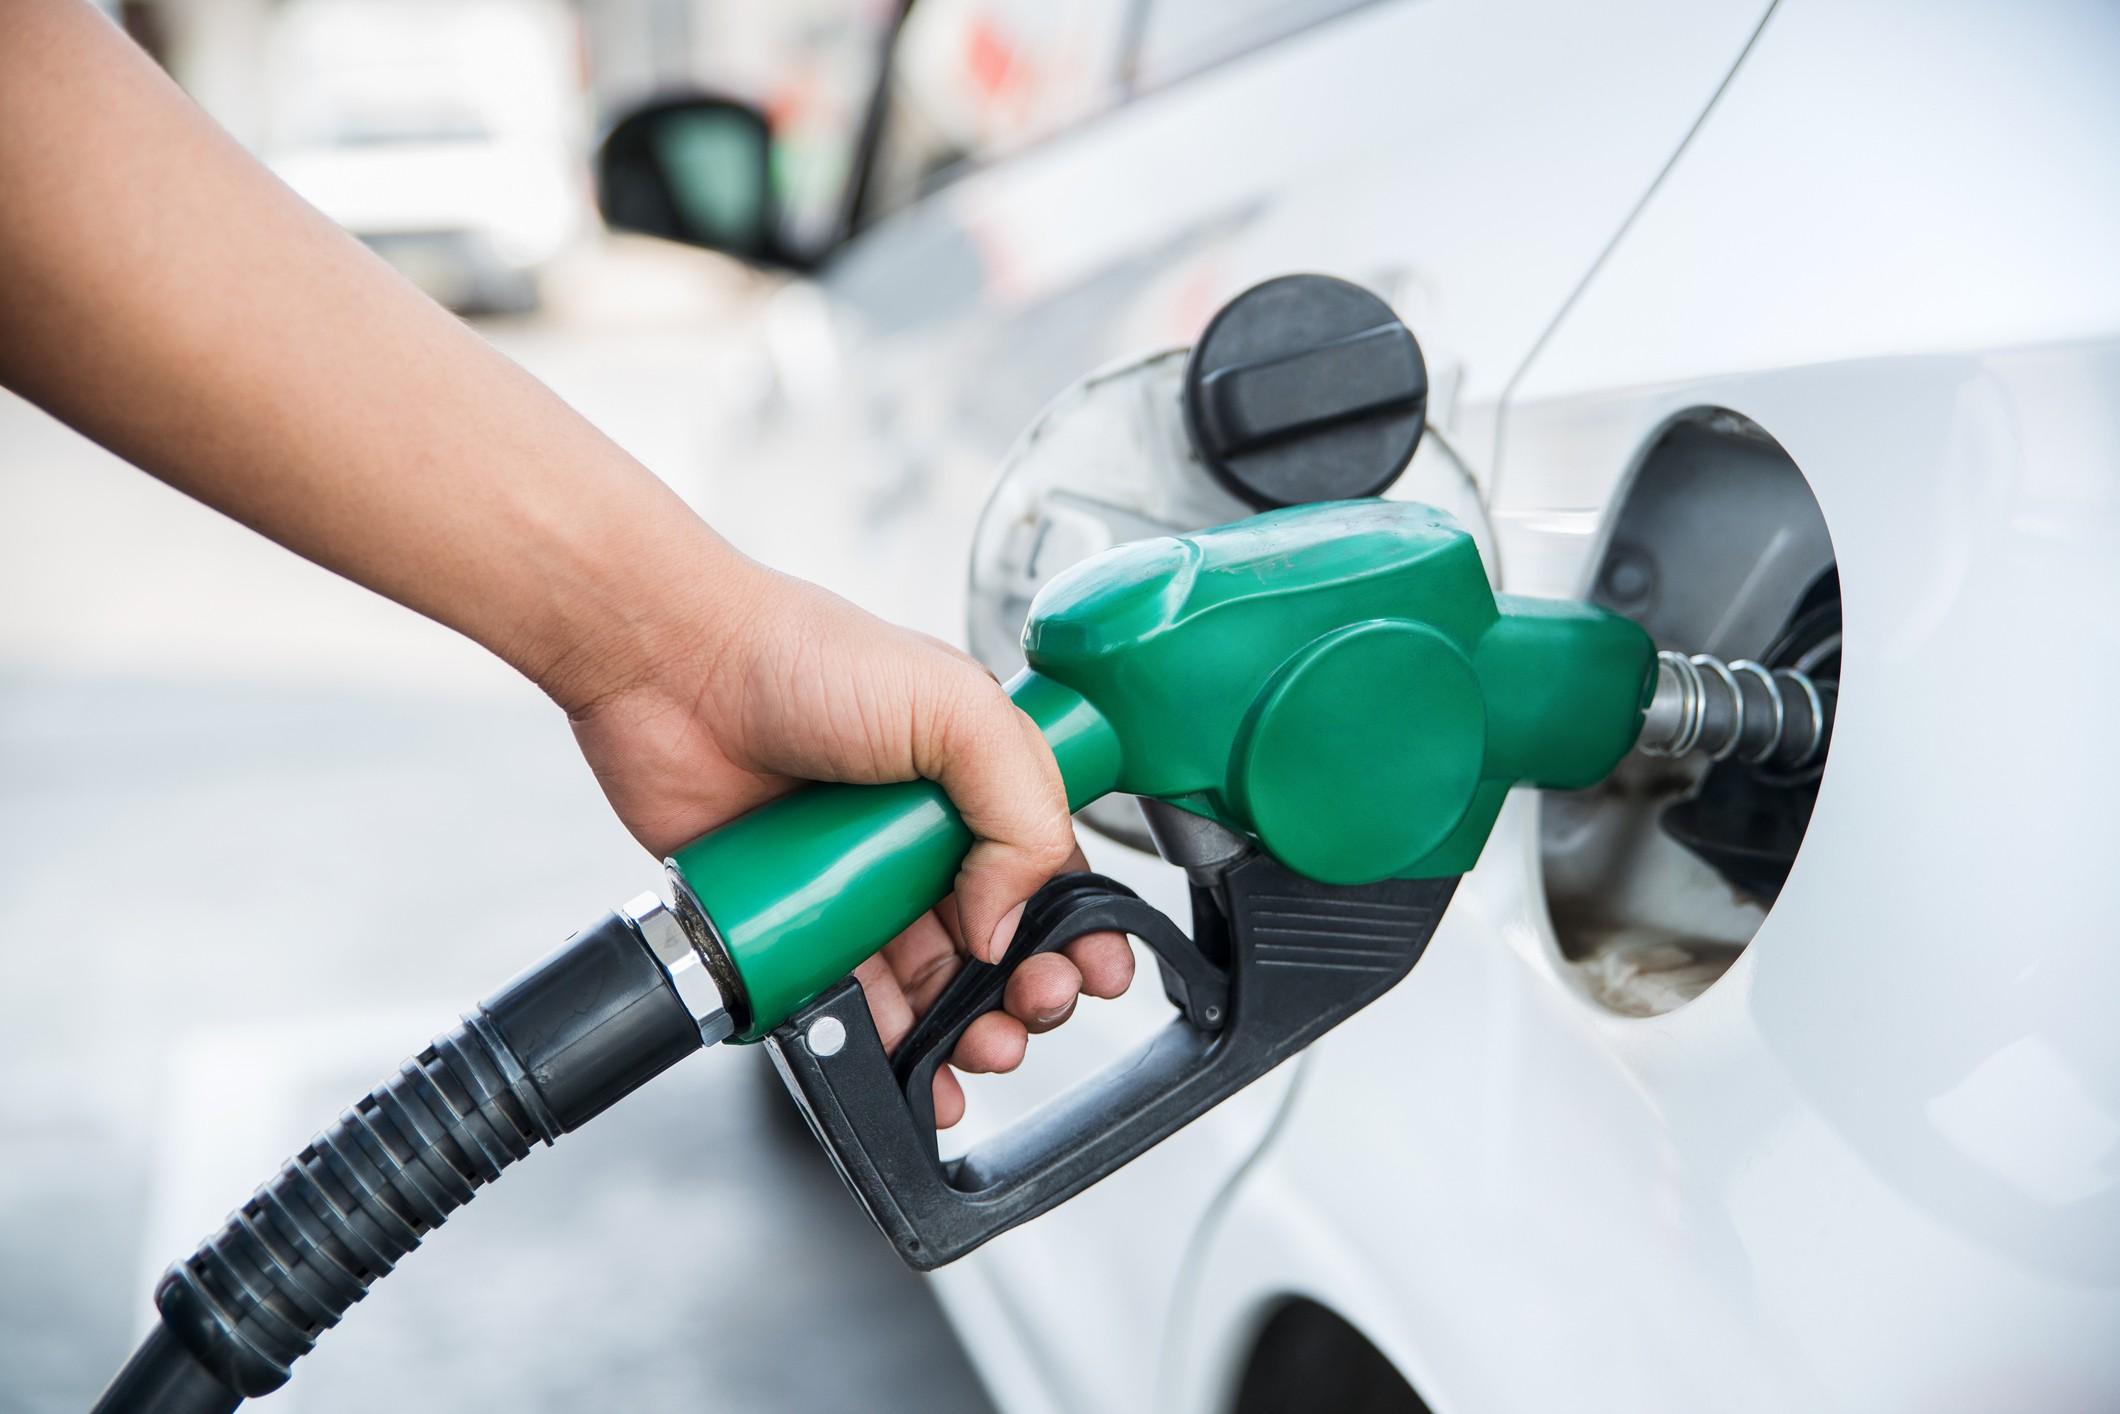 ٦ طرق ذكية لتقليل إستهلاك الوقود في سيارتك